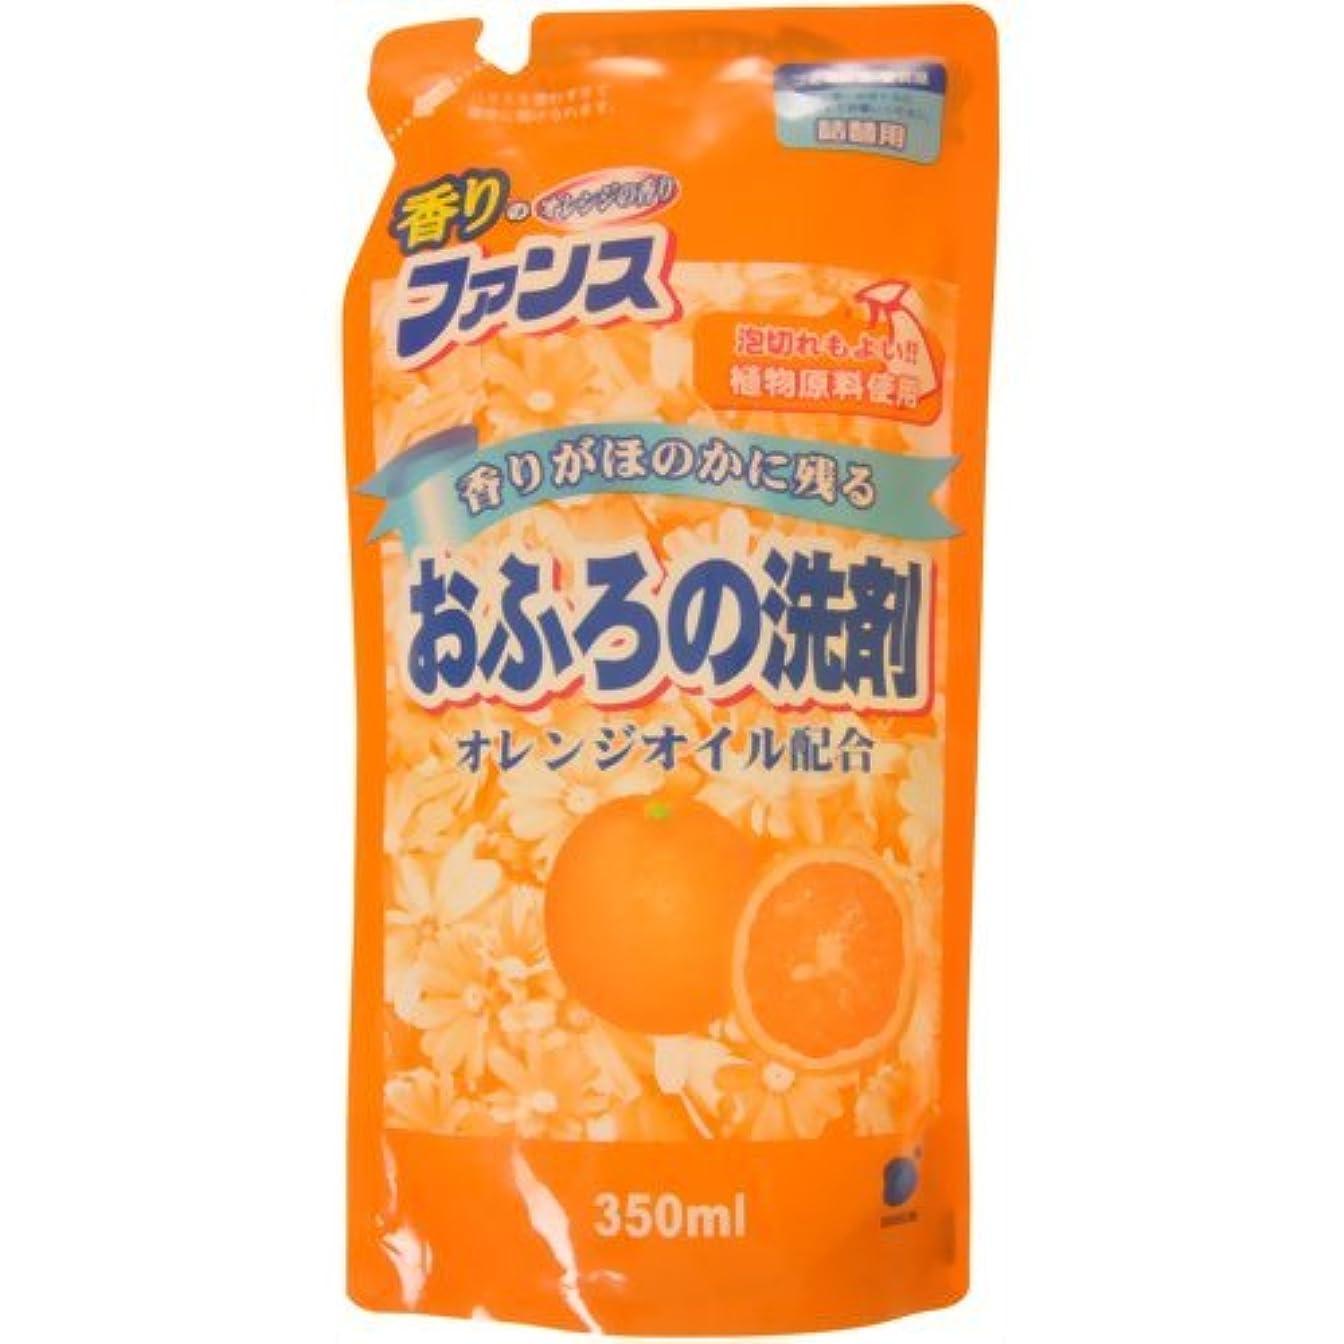 テーマトラフィックストライク香りのファンス おふろの洗剤 オレンジ つめかえ用 350ml